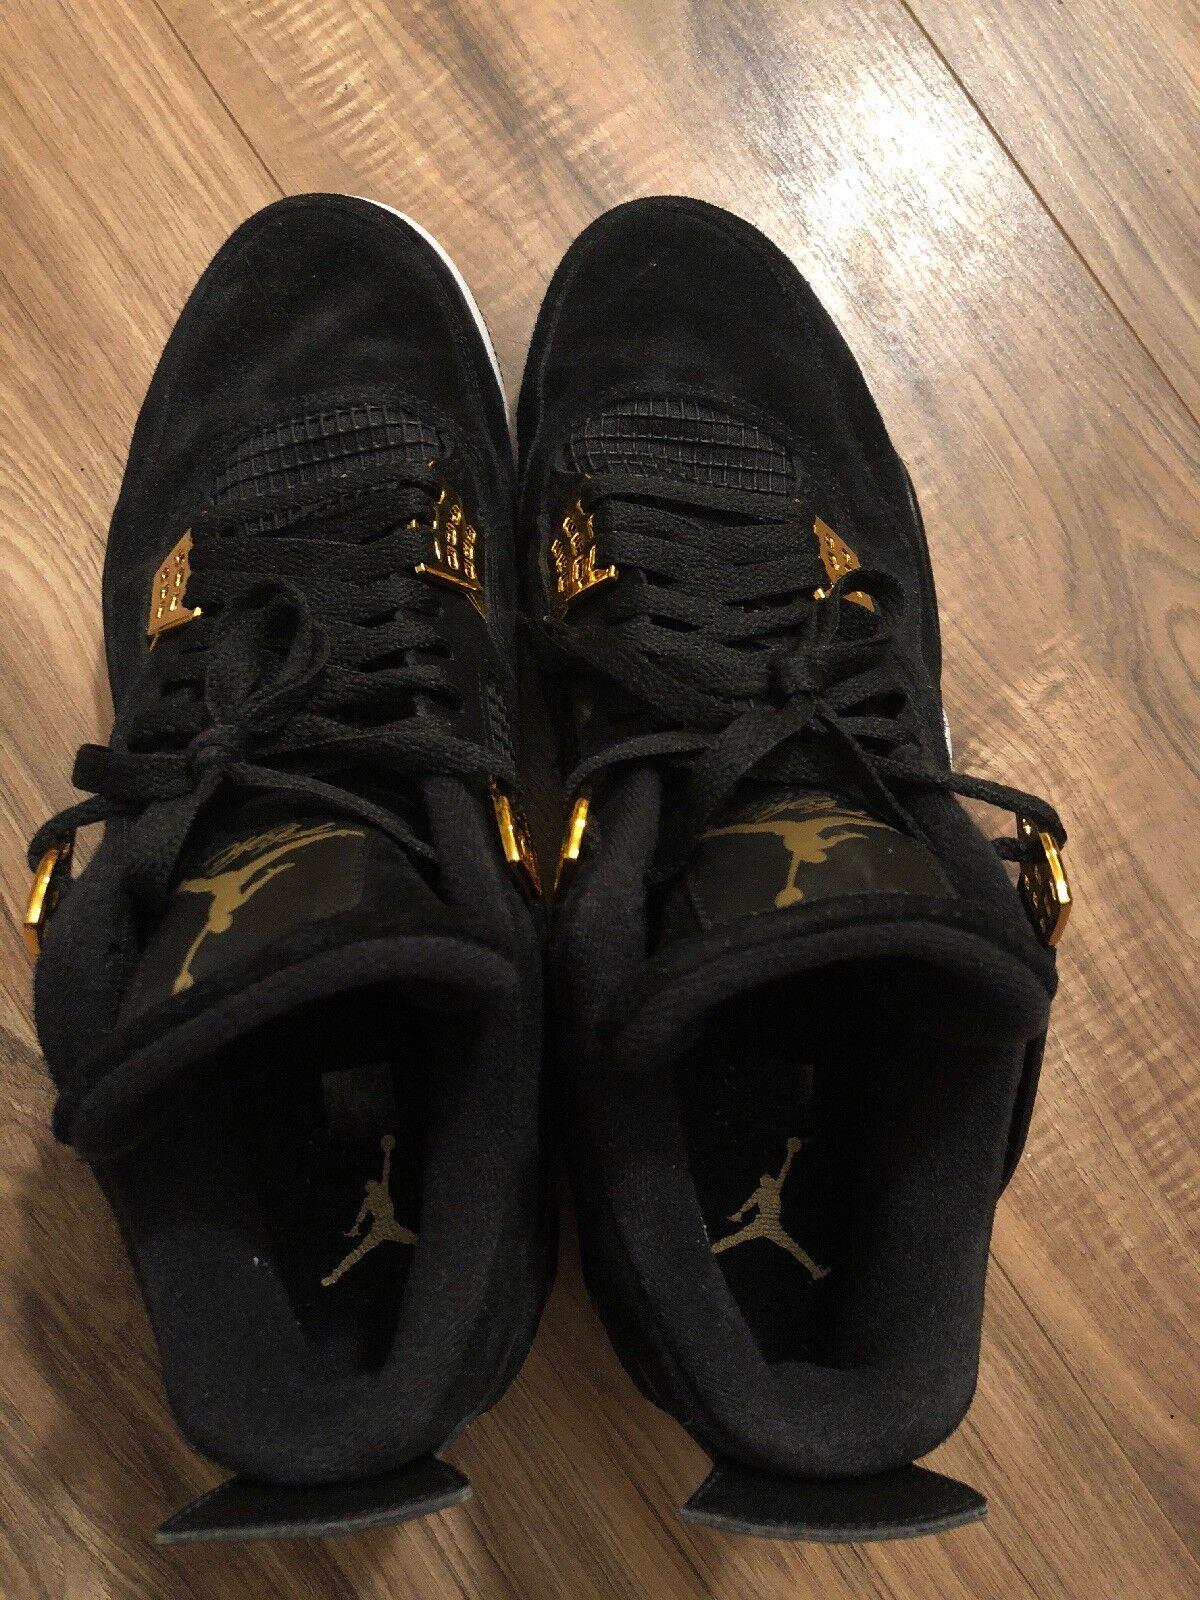 Nike Air Jordan 4 Royalty (308497-032) Size 13 - Black Metallic gold - Worn Once